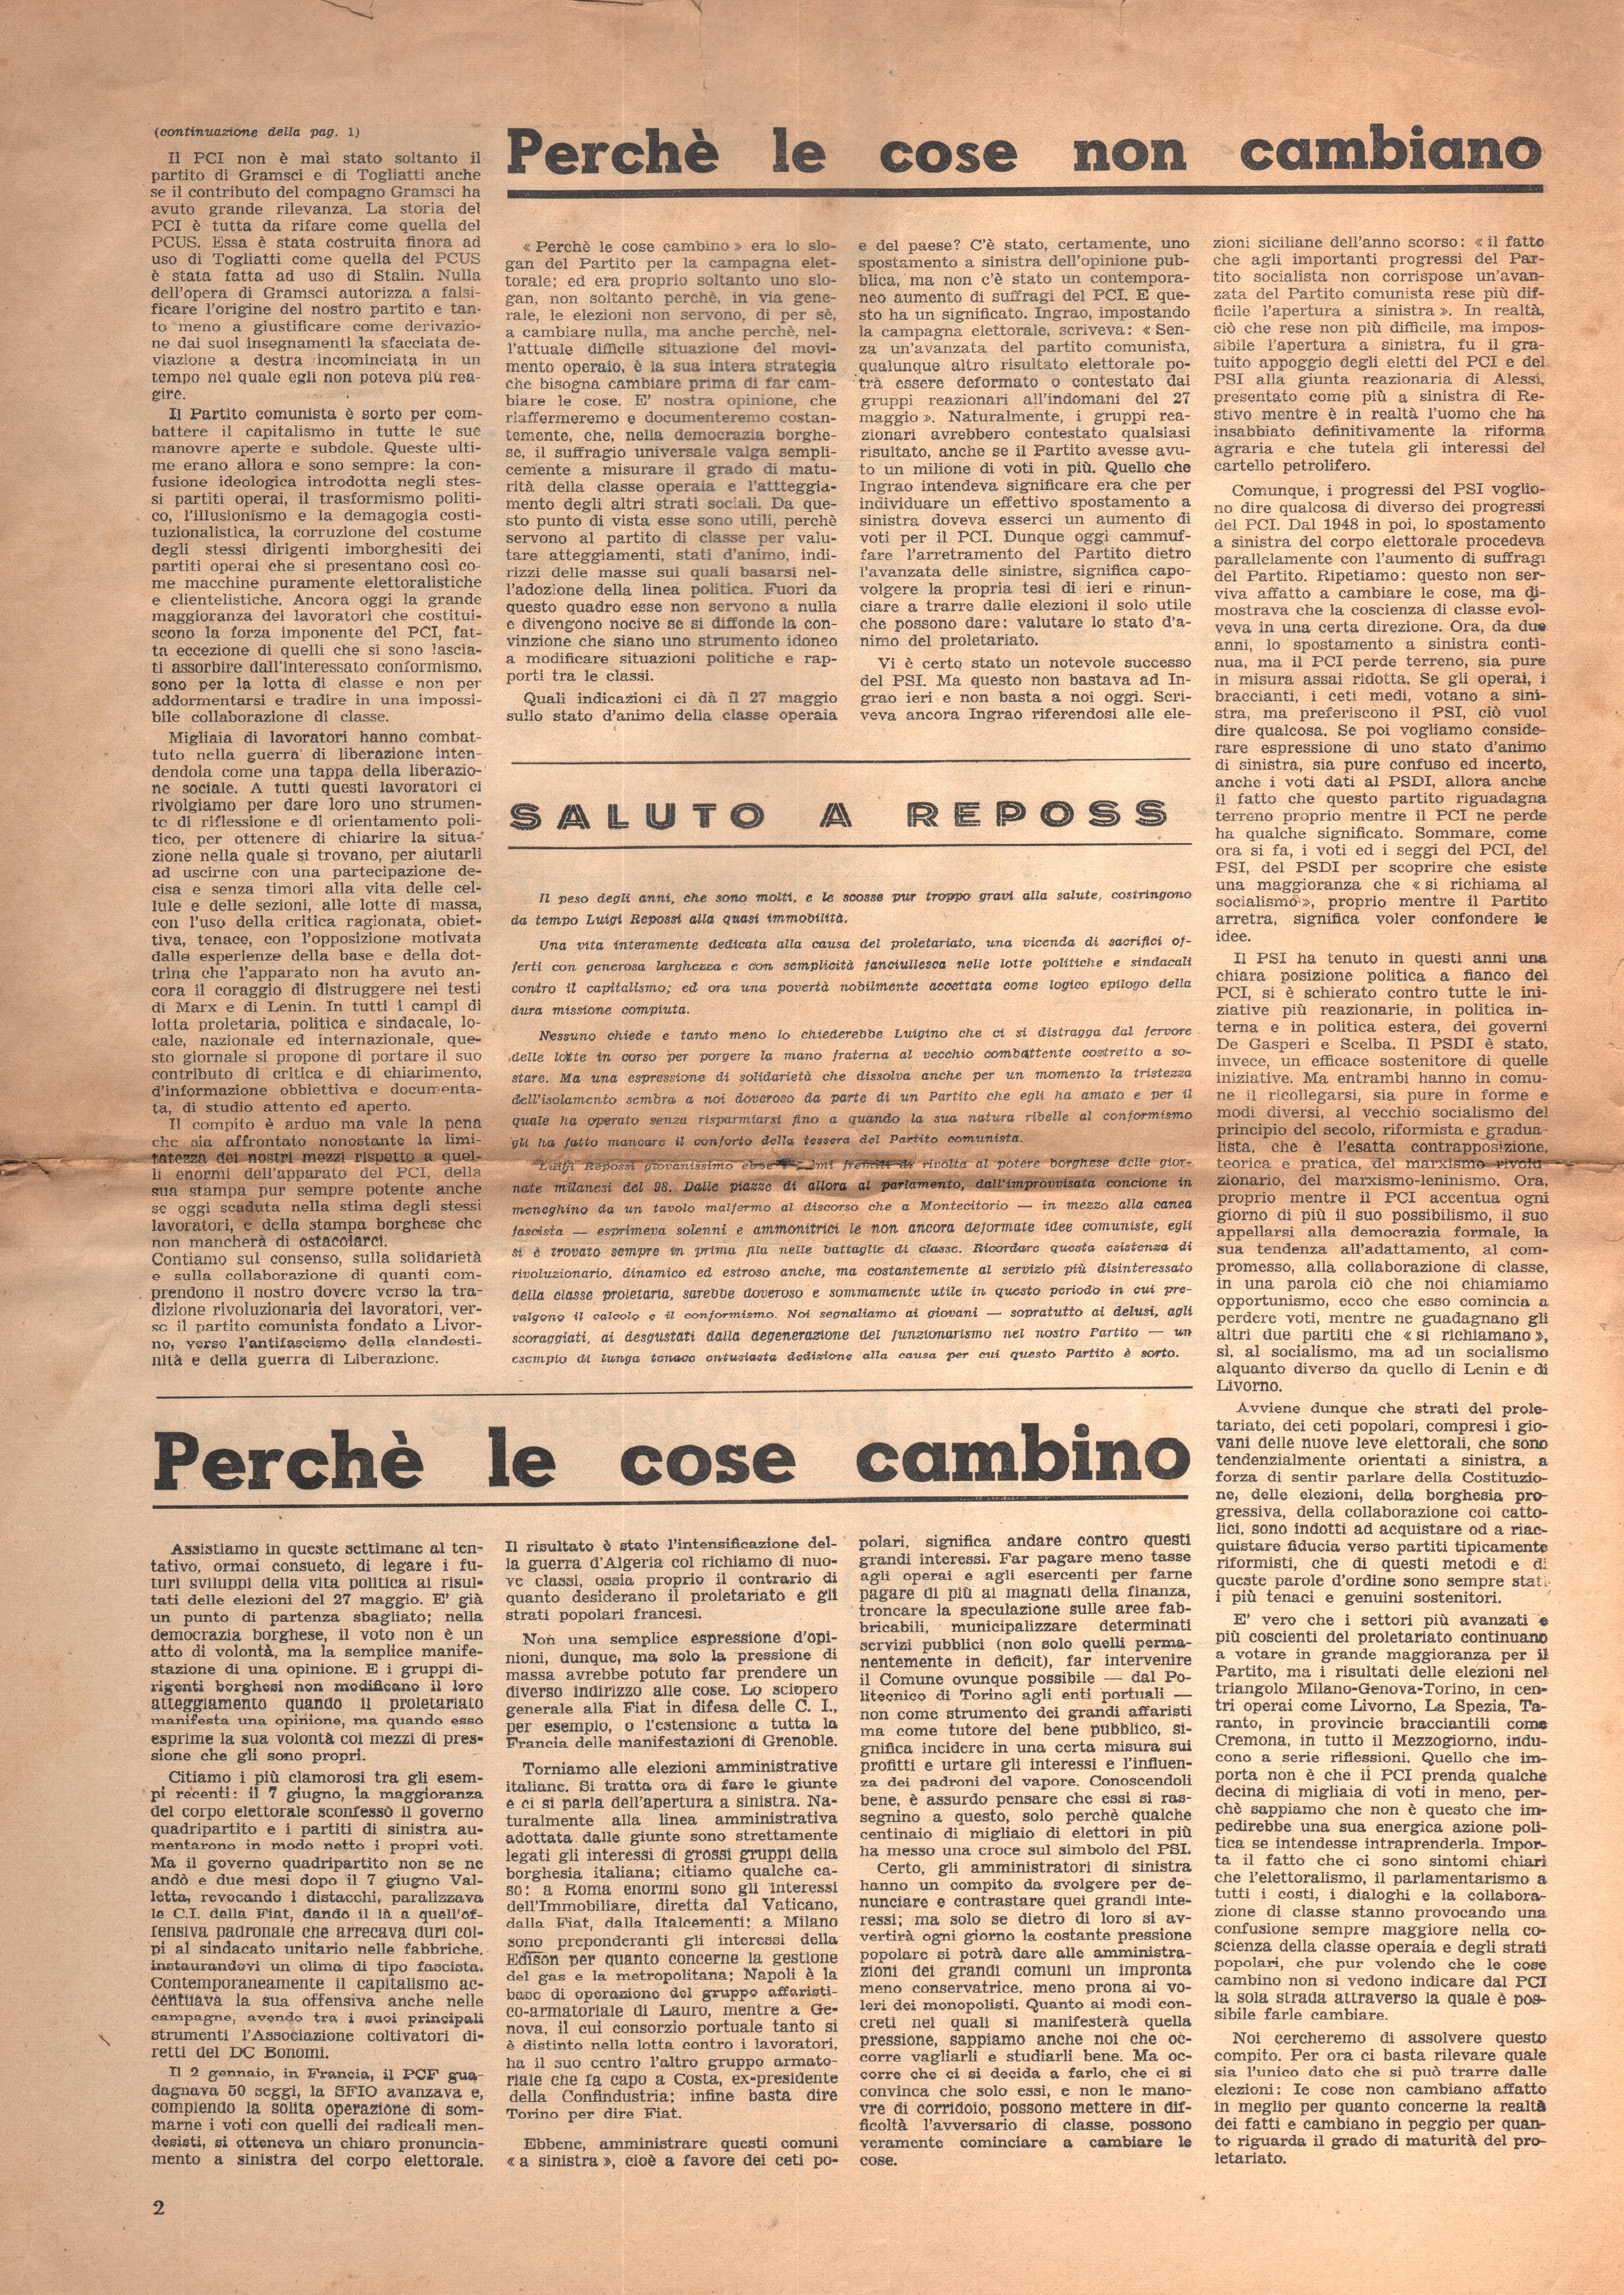 Azione Comunista n. 1 - pag. 2